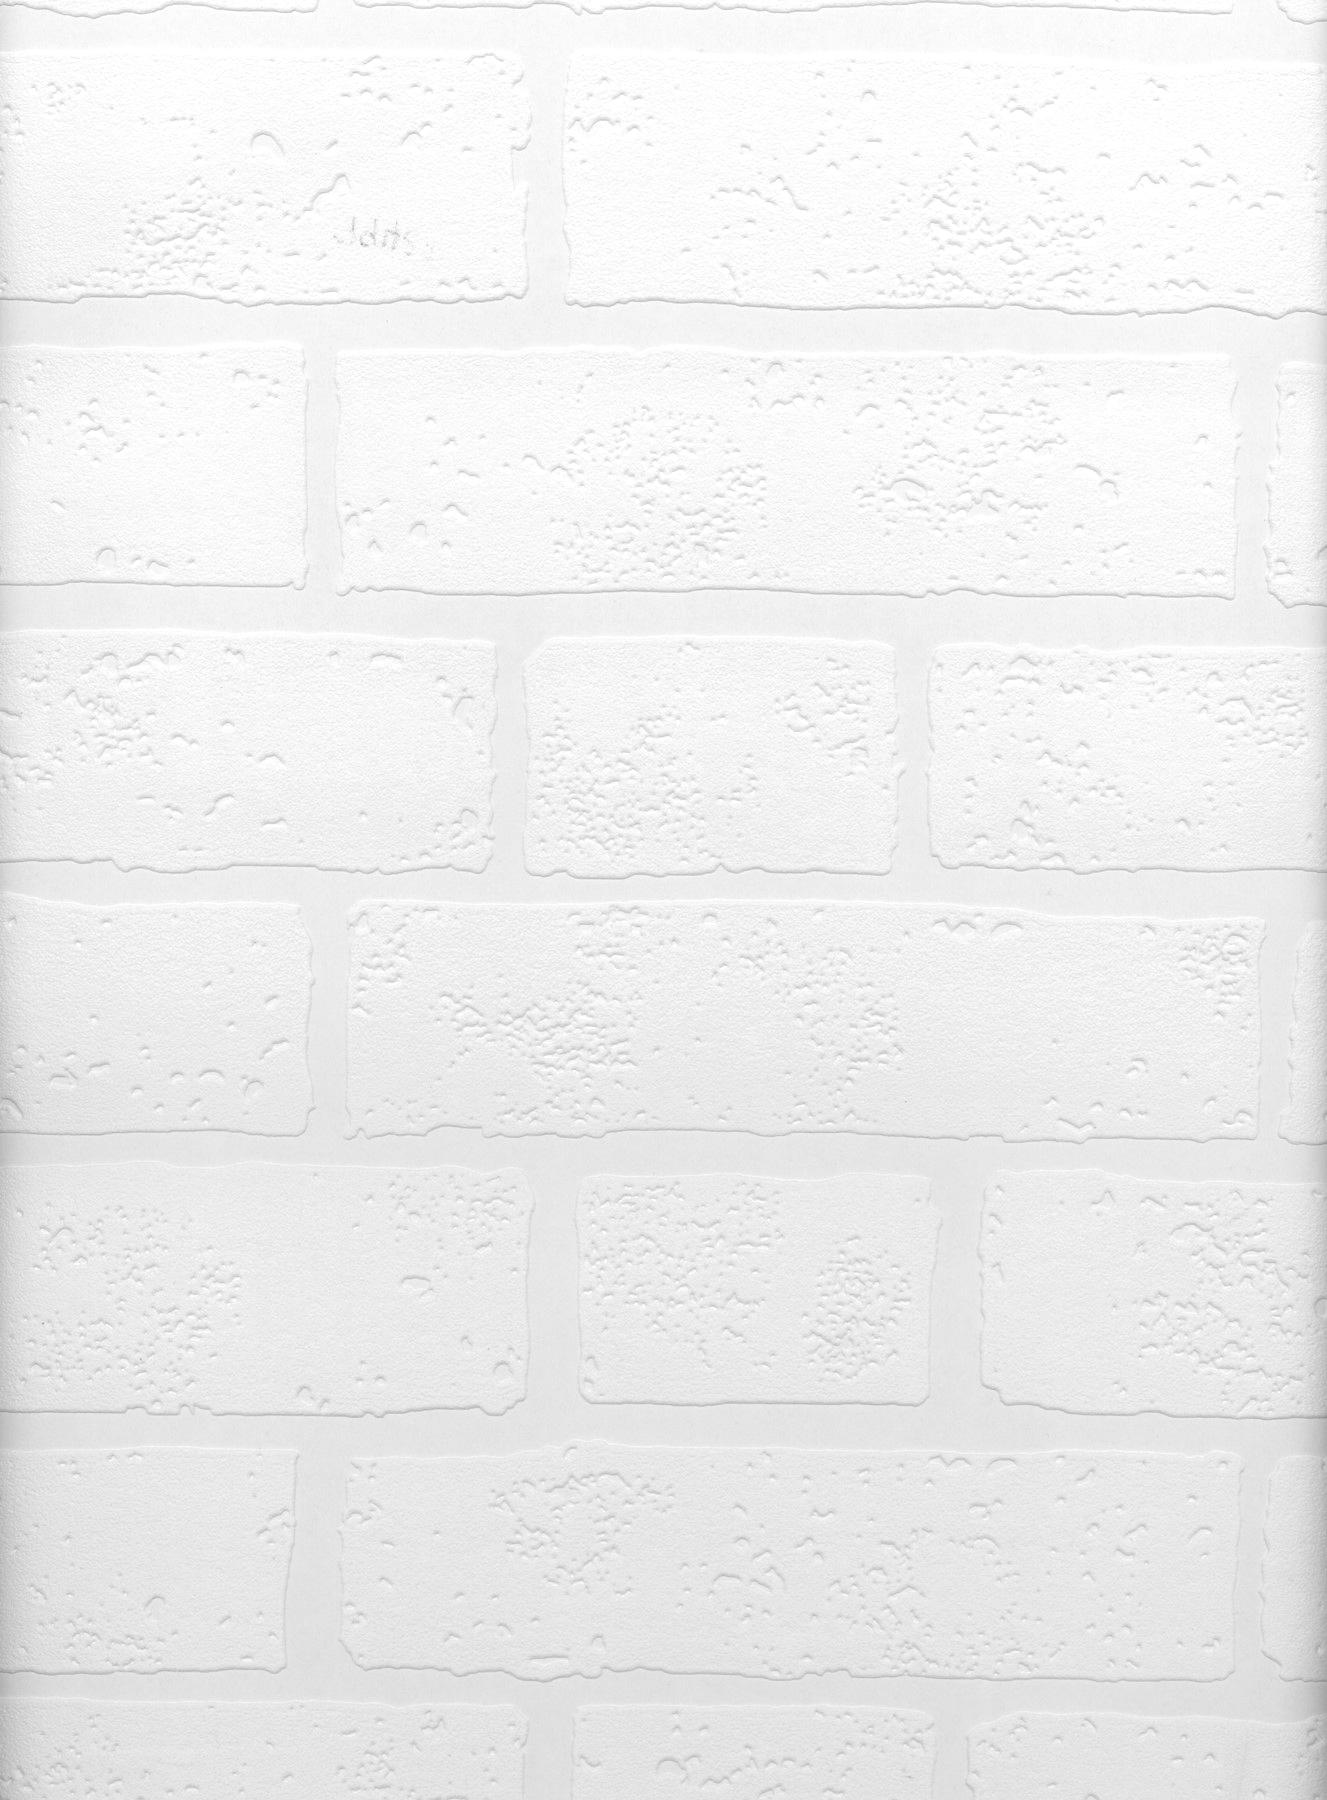 Picture of Belden Brick Texture Paintable Wallpaper